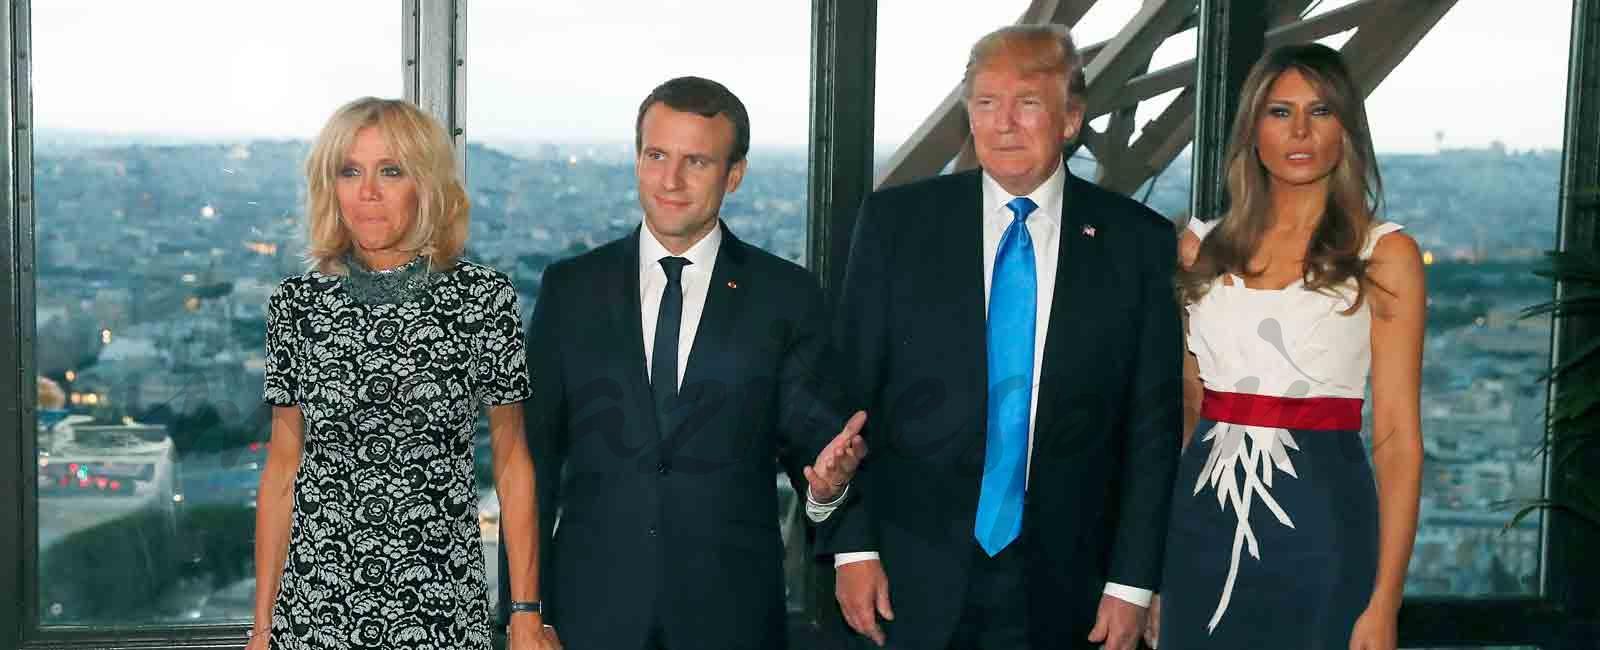 Trump y Macron, cena familiar en la Torre Eiffel